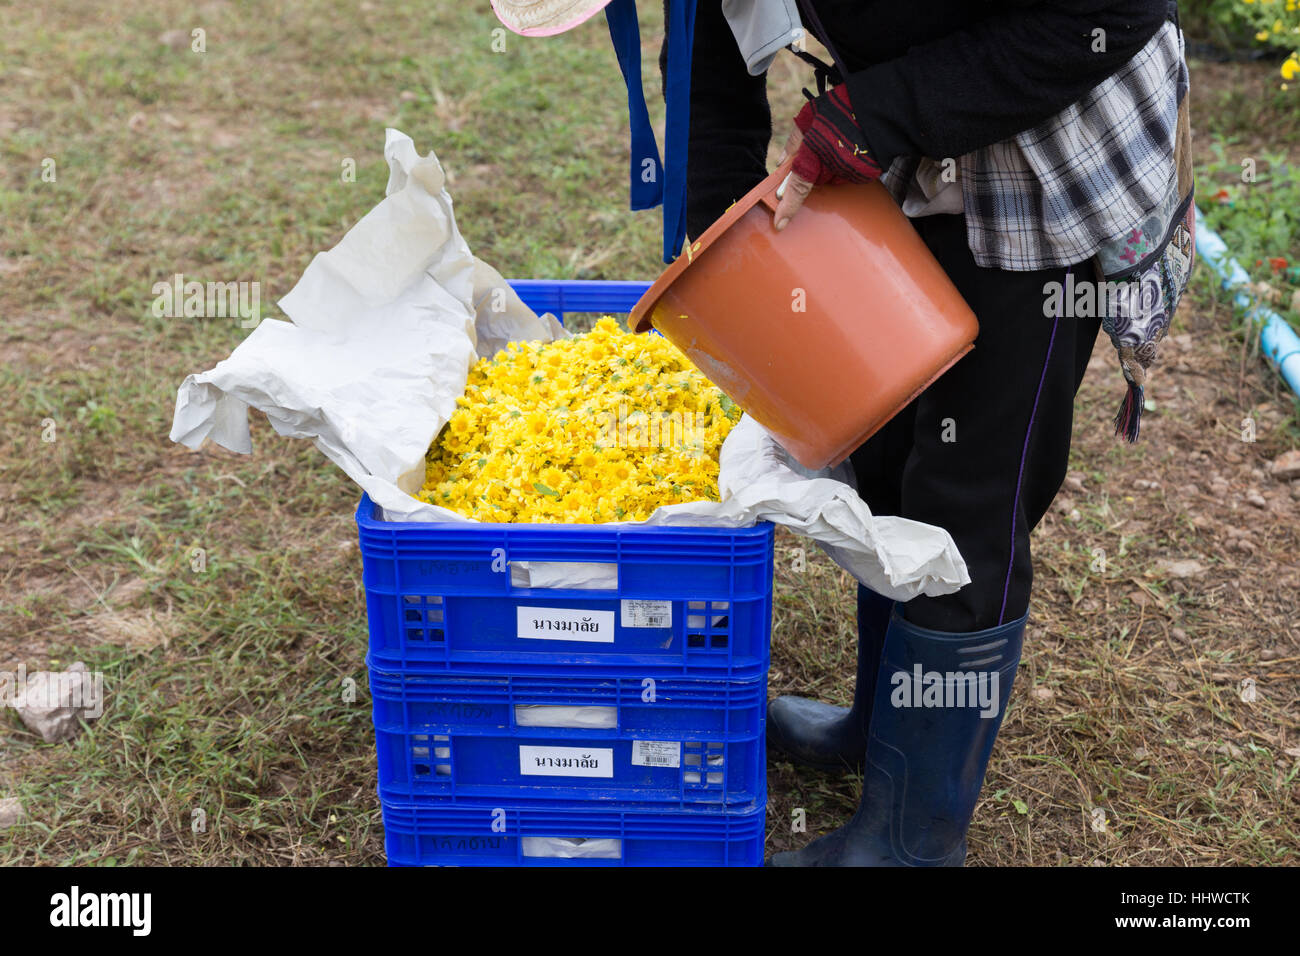 Chiang Mai, Thailandia - Novembre 28, 2016: l'agricoltore non identificato la mietitura crisantemo fiore per la produzione di tè in fattoria Maejo in Chiang Mai Thailandia Foto Stock